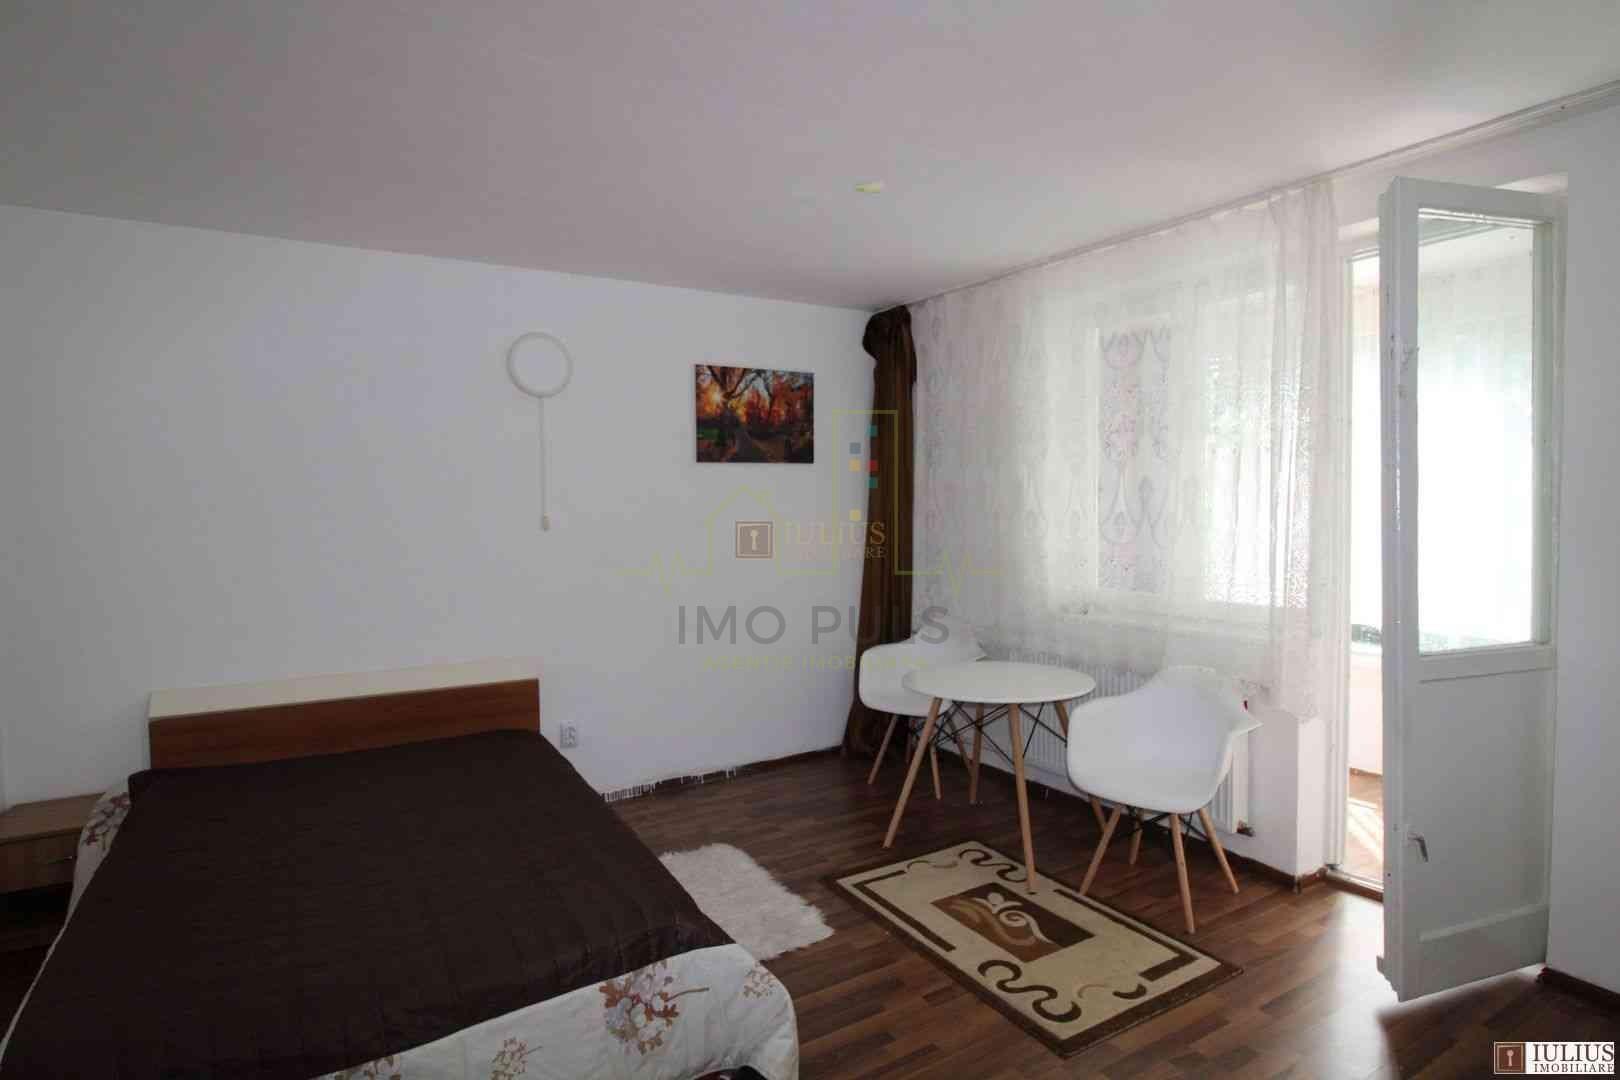 Apartament 1 camera, balcon inch...